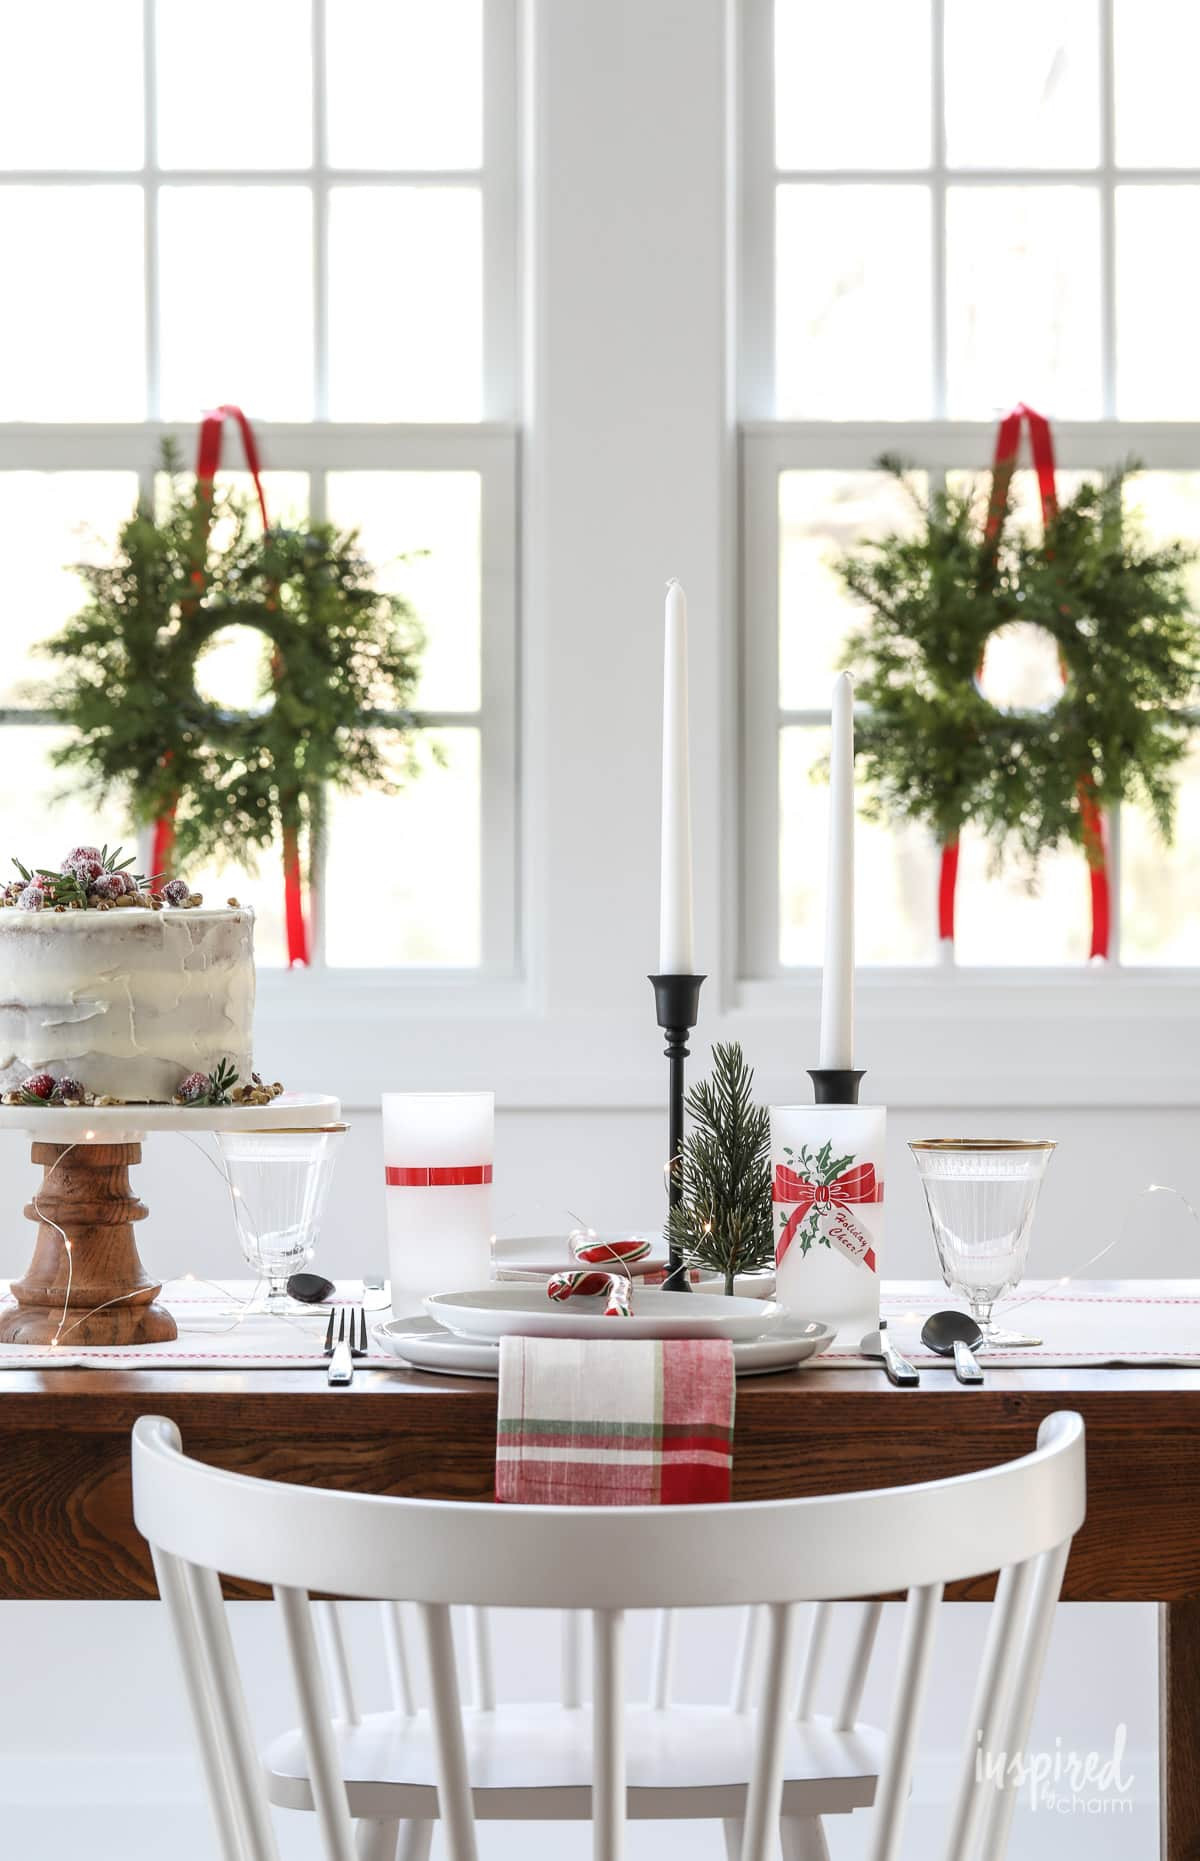 Vintage Modern Christmas Table Decor